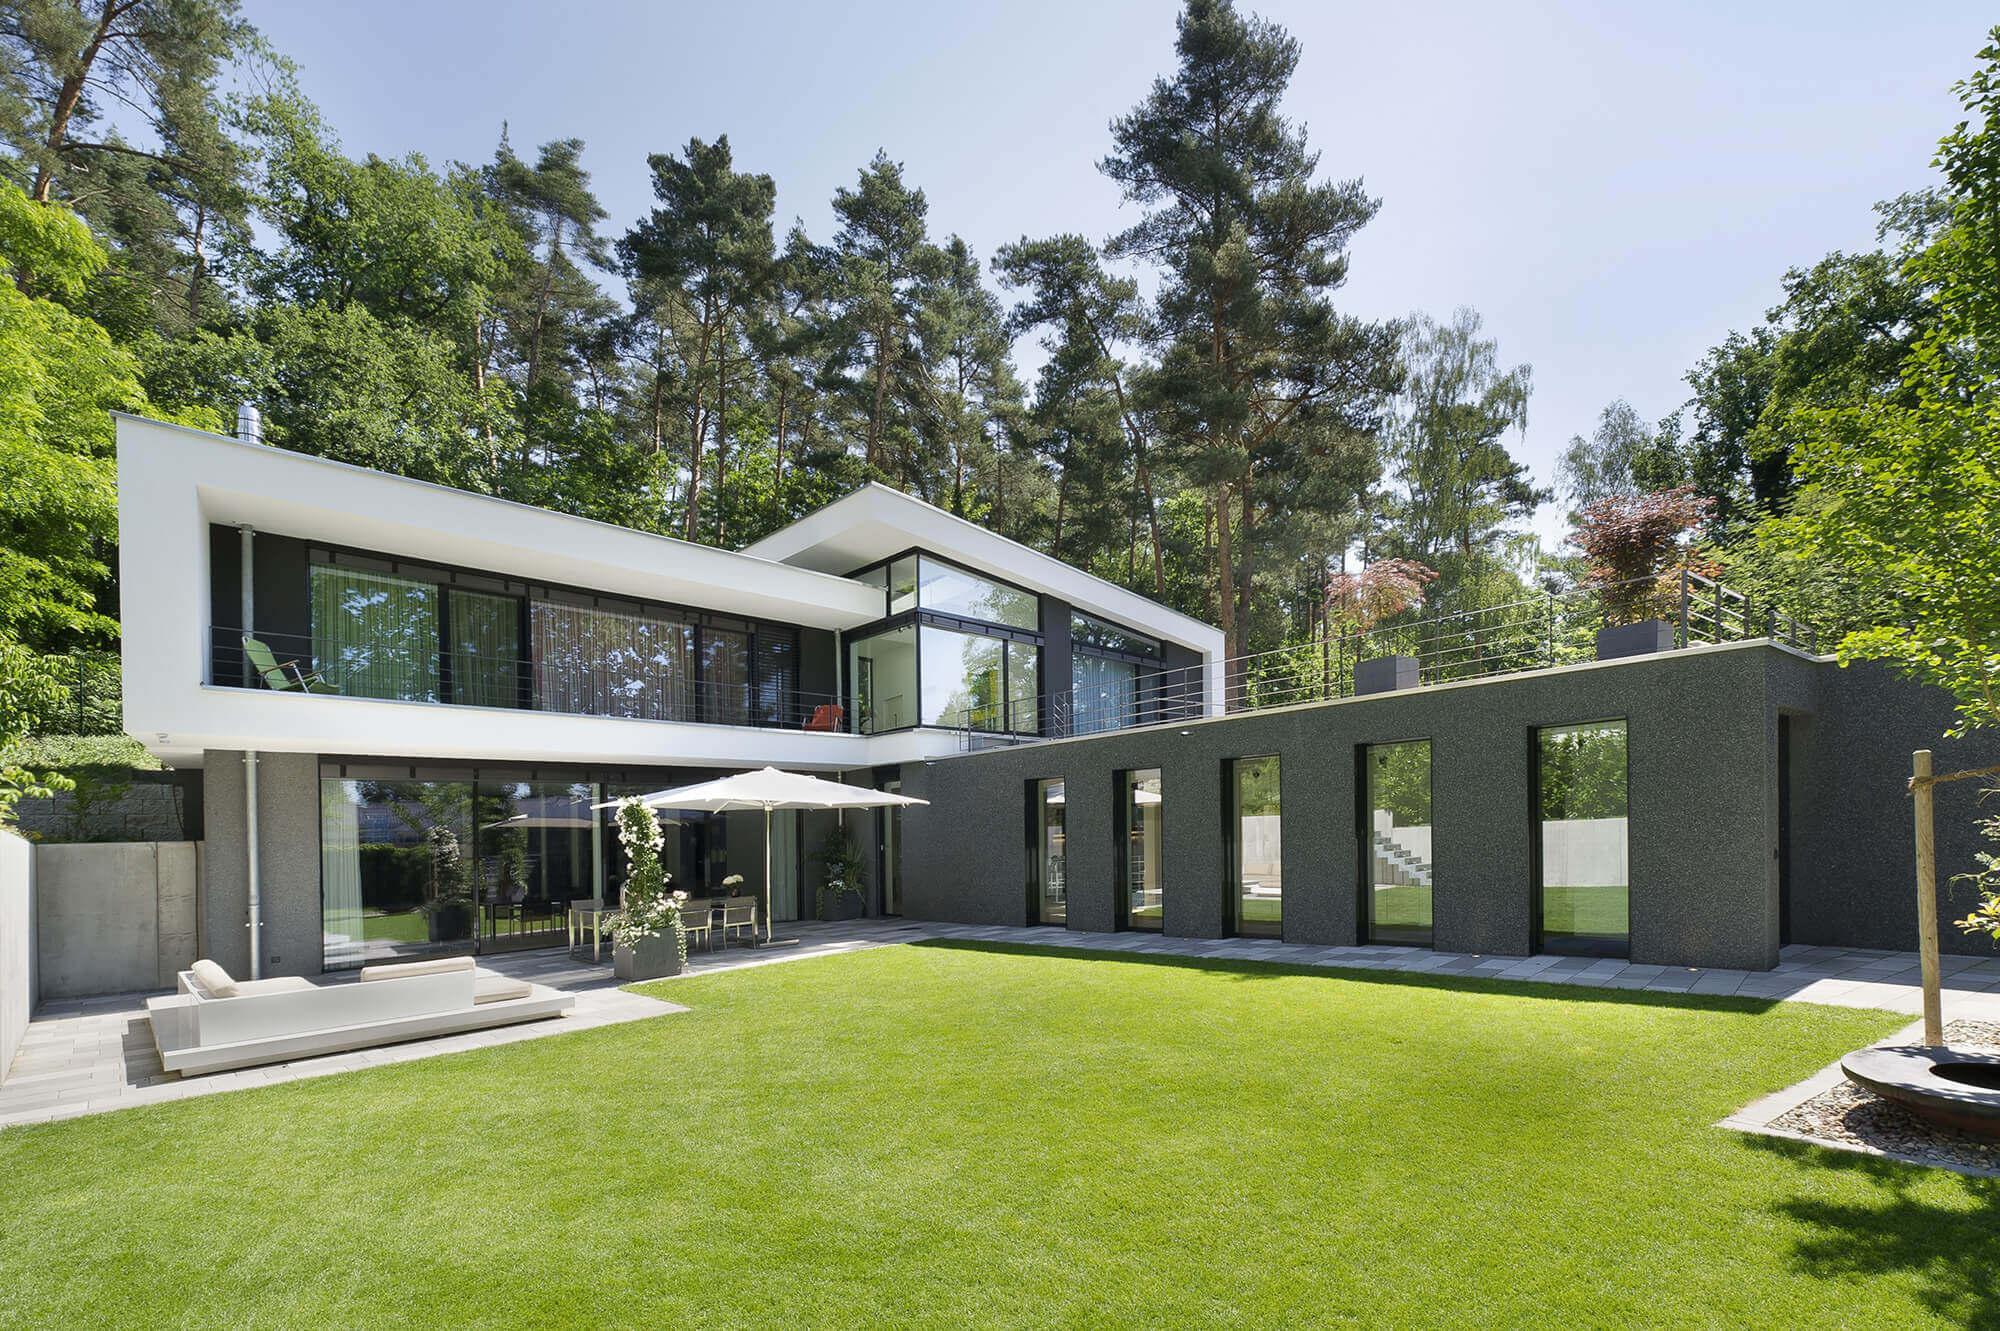 Innenarchitektur Oder Architektur gräßel architekten architektur innenarchitektur sanierung